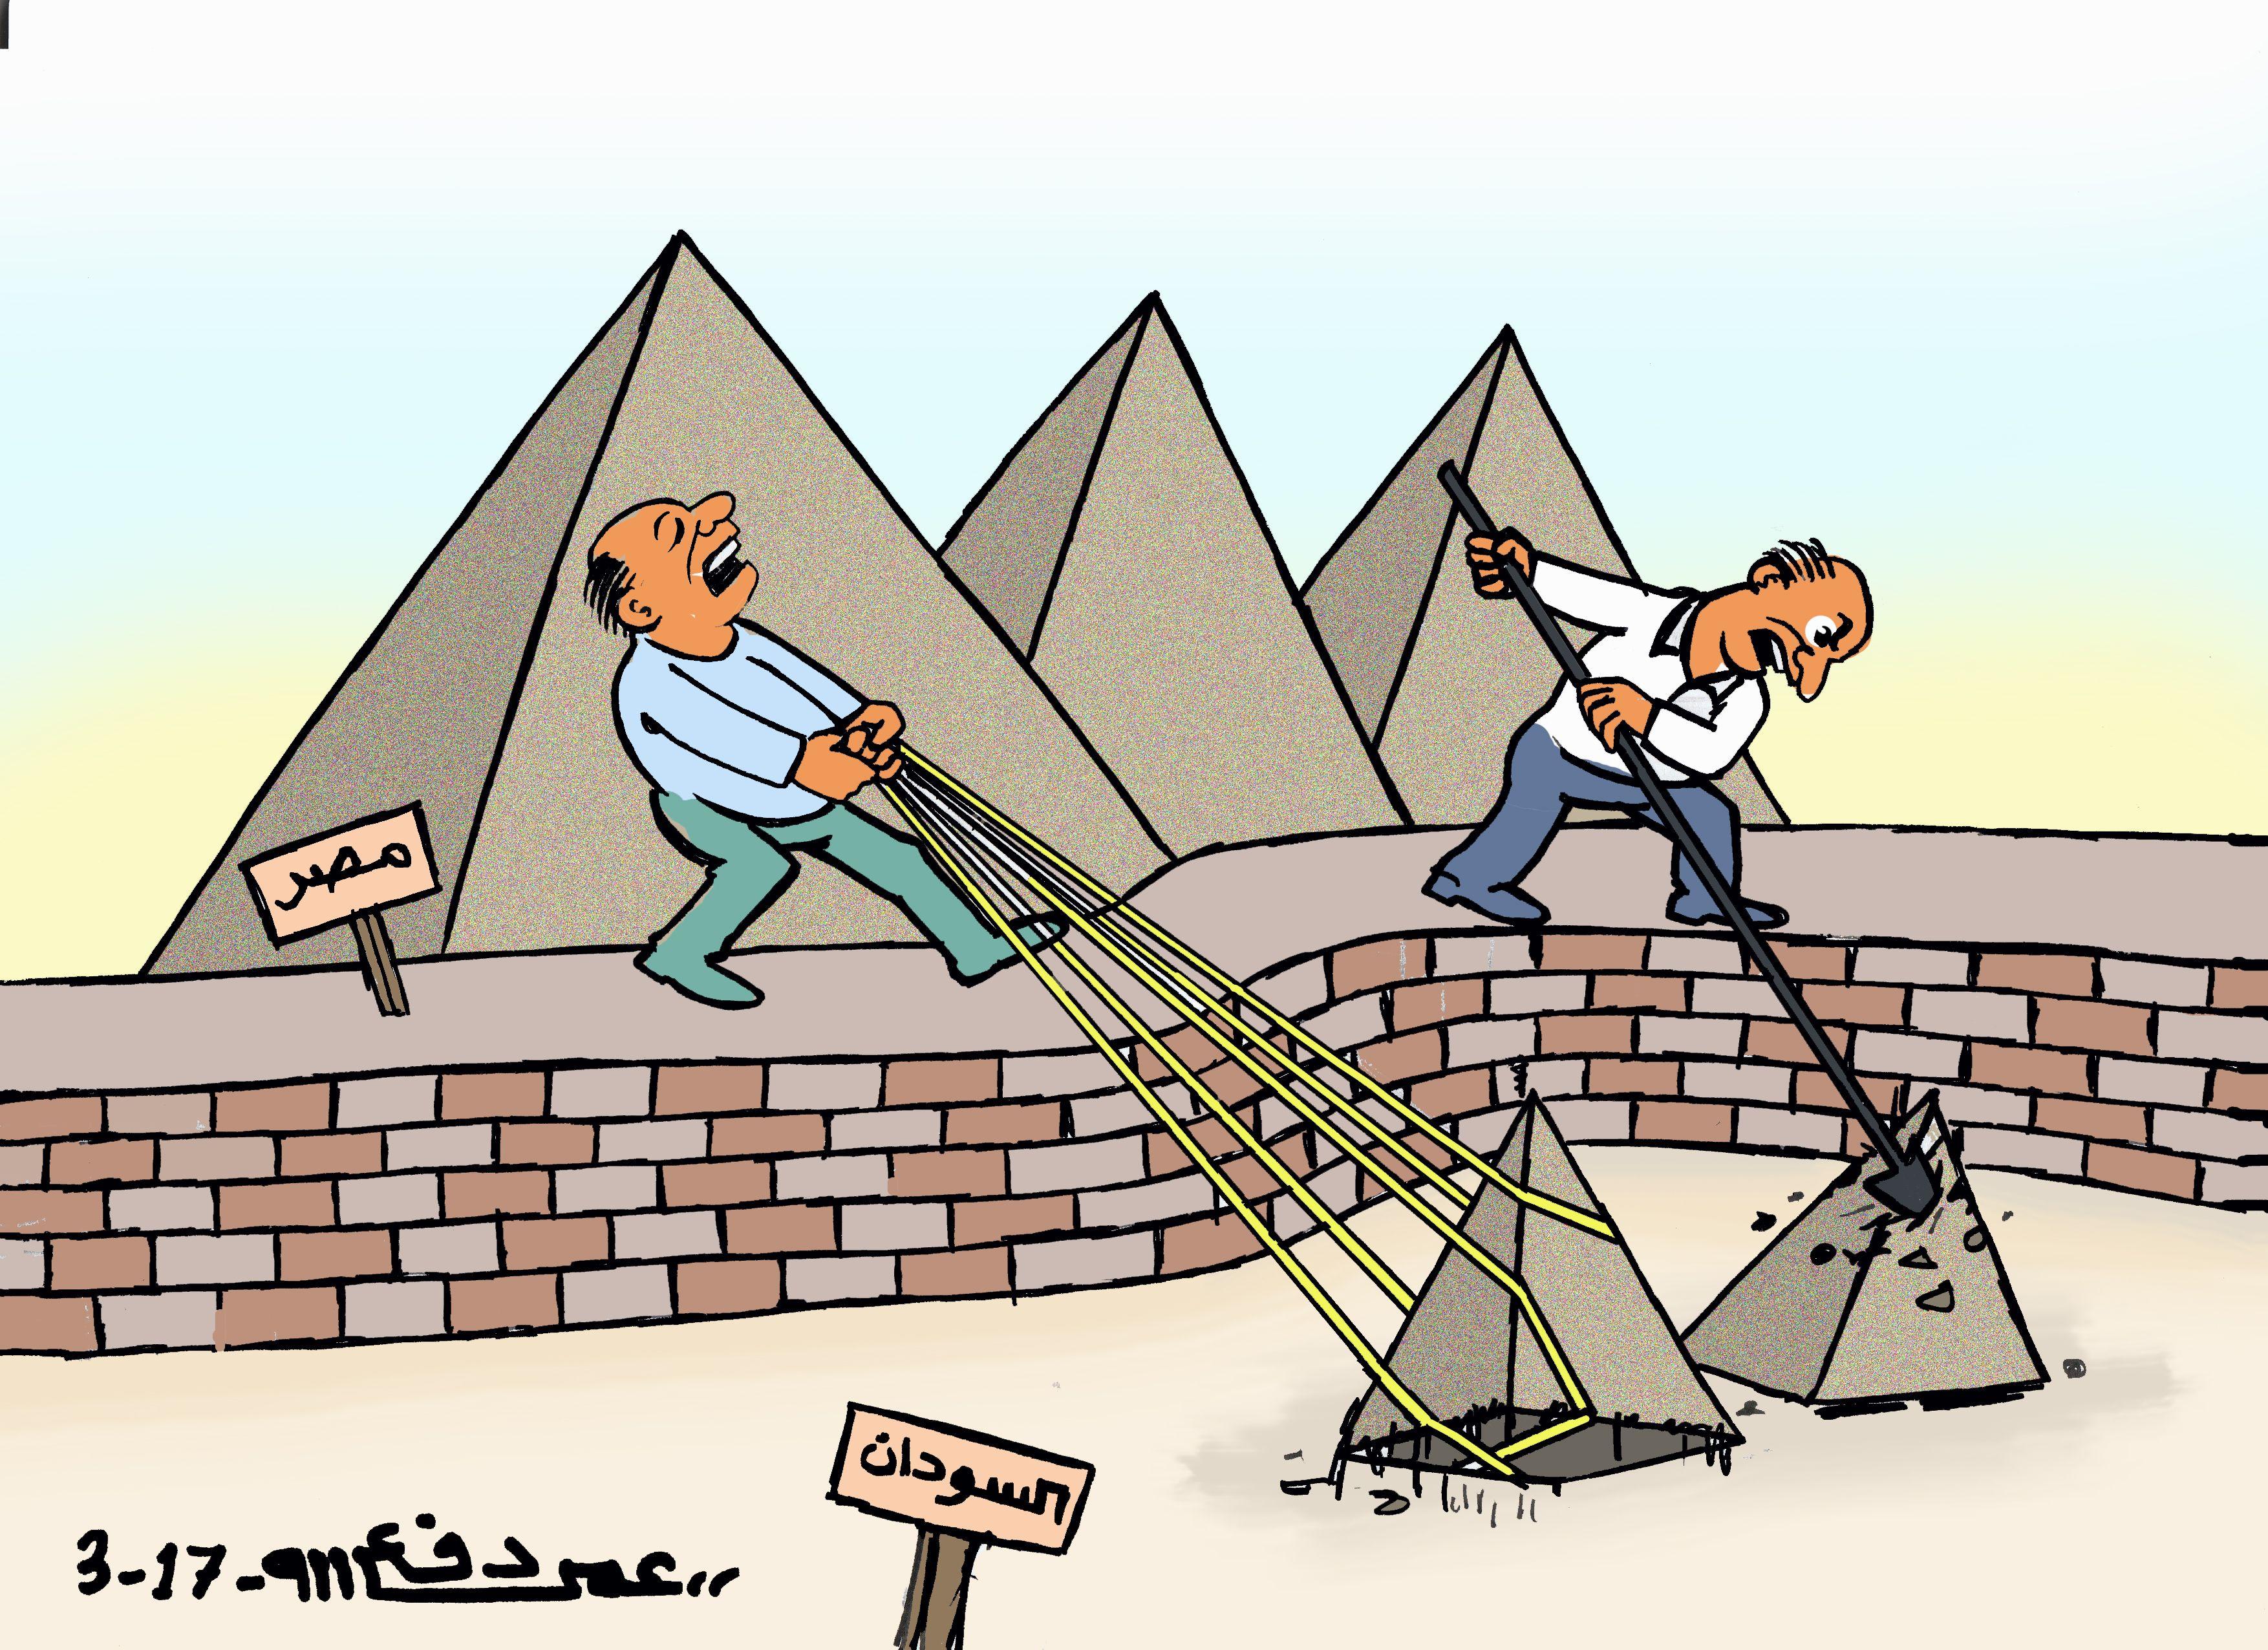 كاركاتير اليوم الموافق 20 مارس 2017 للفنان عمر دفع الله عن زيارة اهرامات السودان